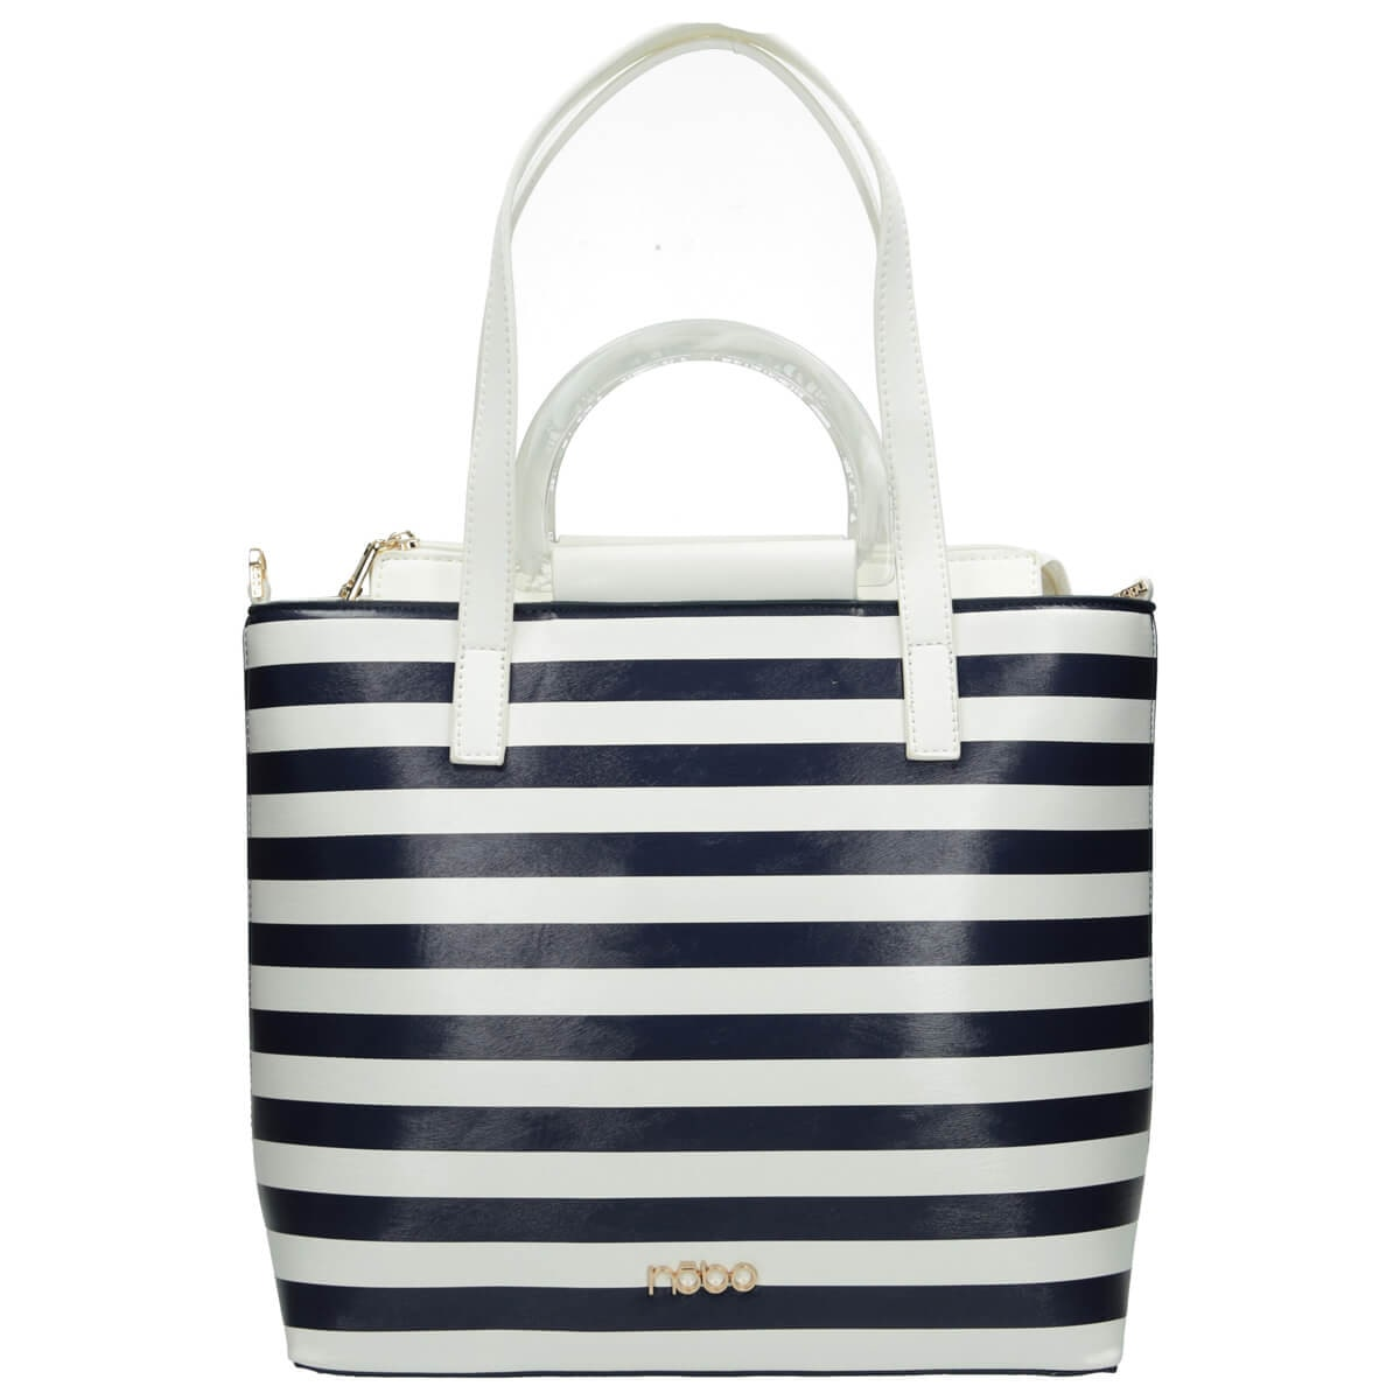 Nobo Woman's Bag NBAG-I0730-CM00